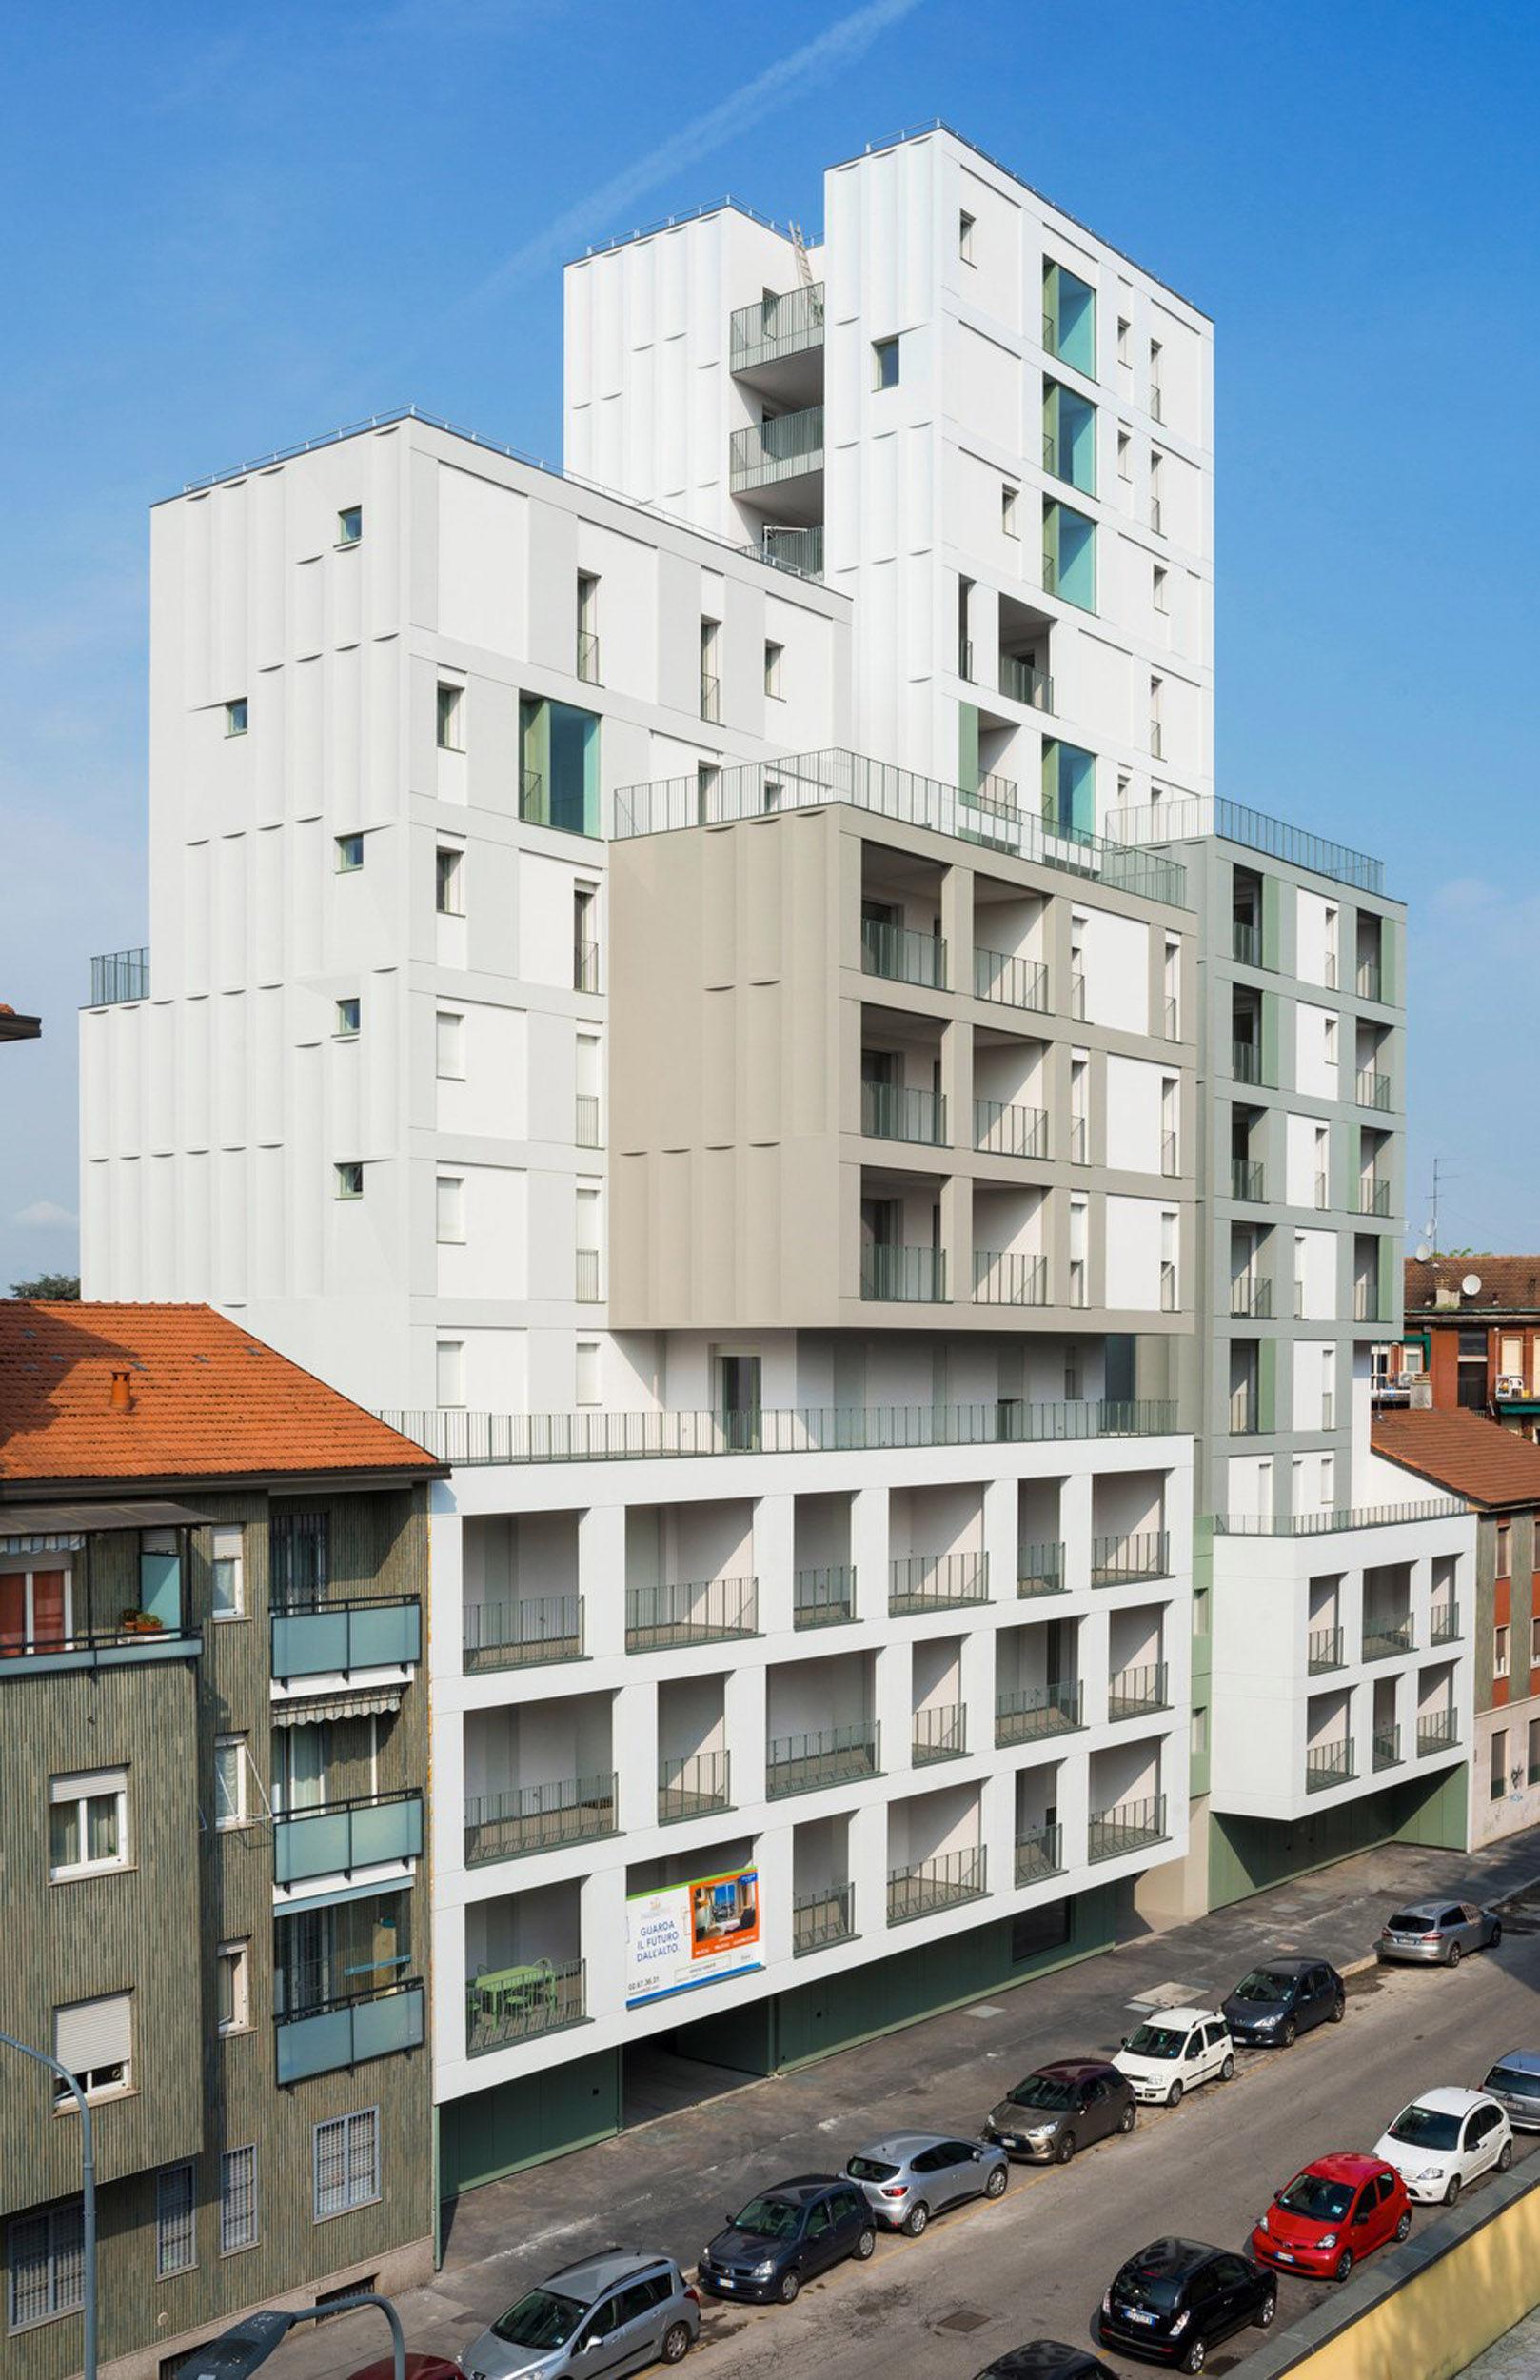 Nuovo edificio residenziale - image 13